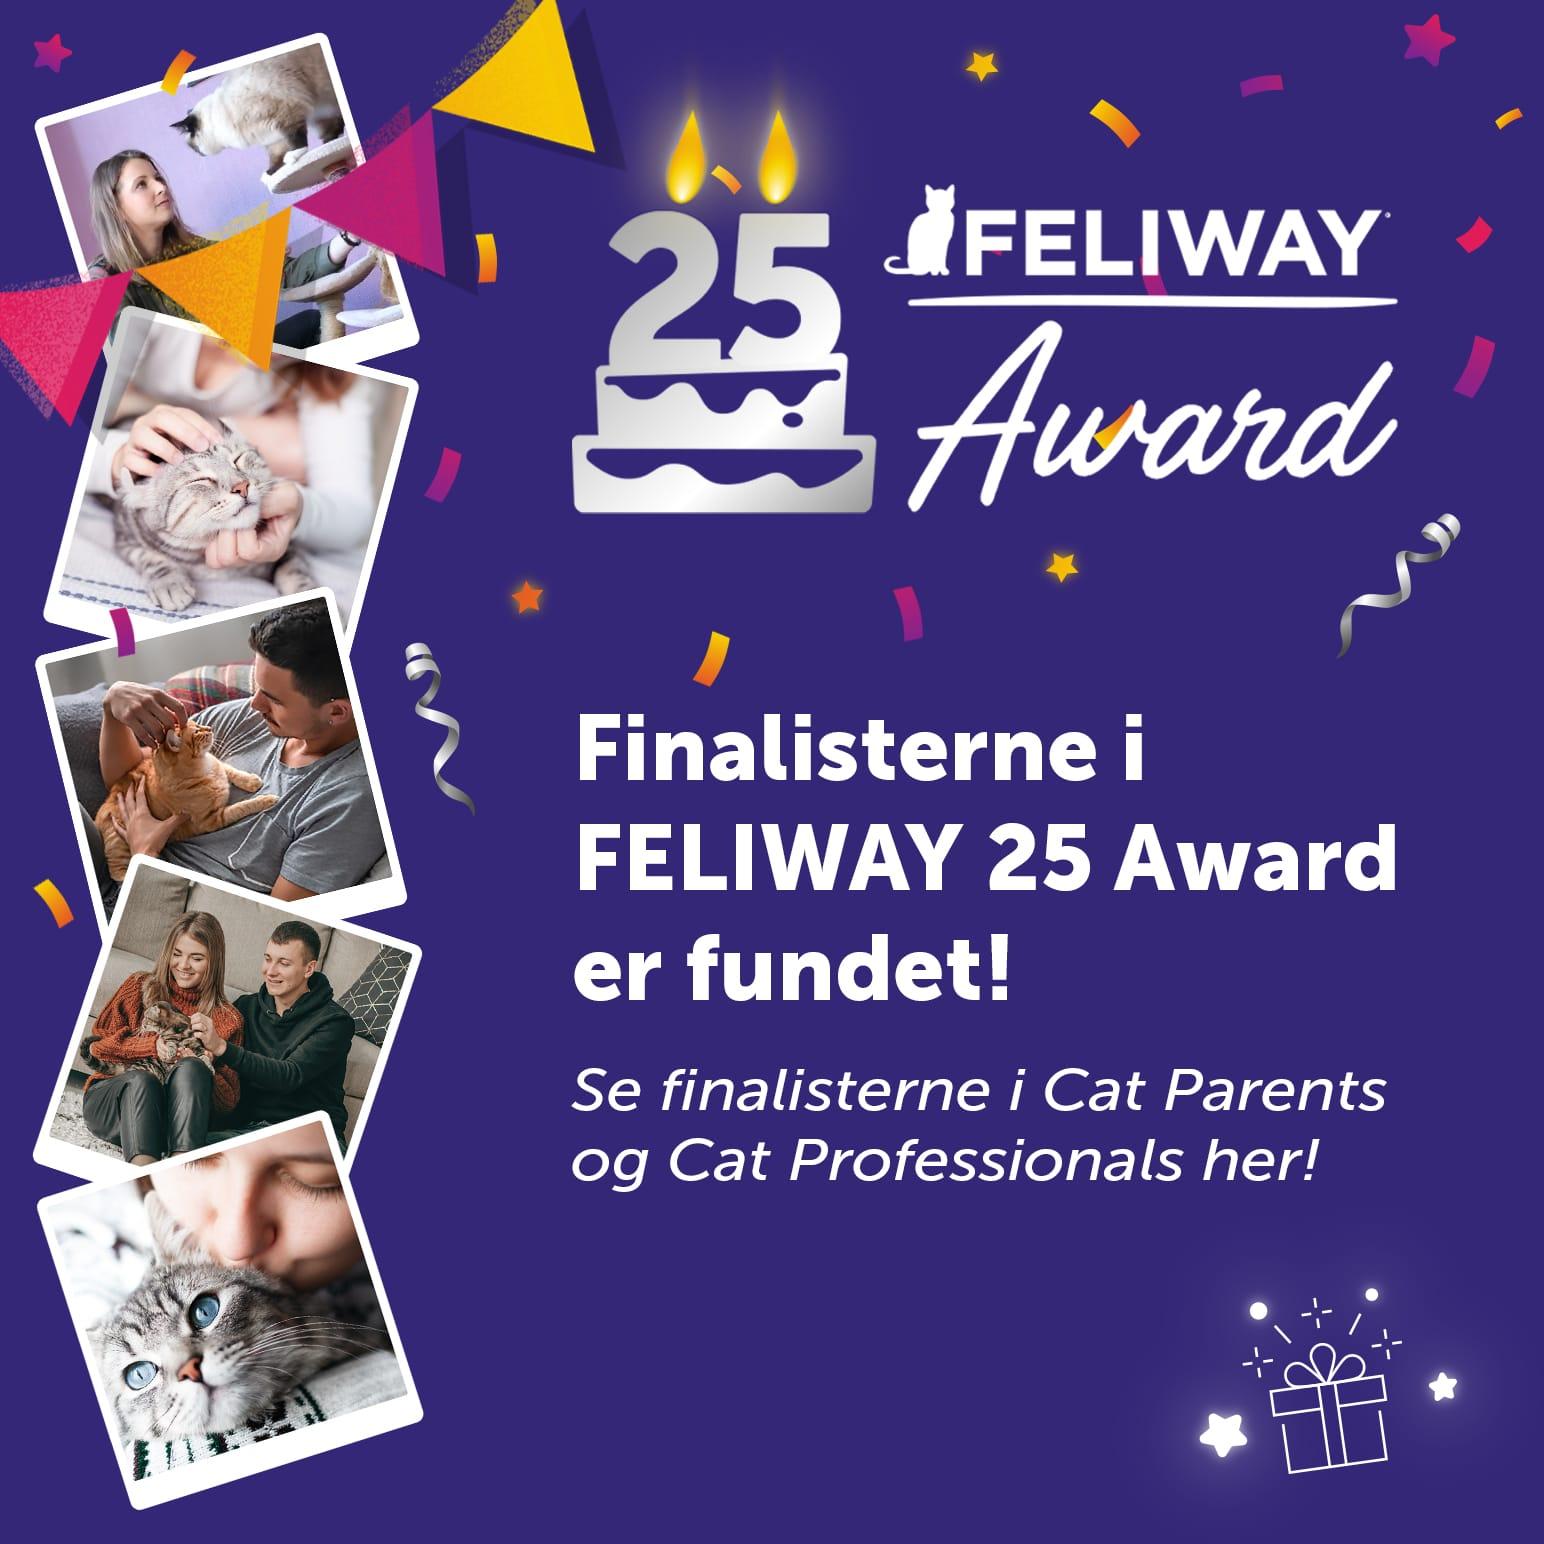 Se finalisterne i FELIWAY 25 Award her!